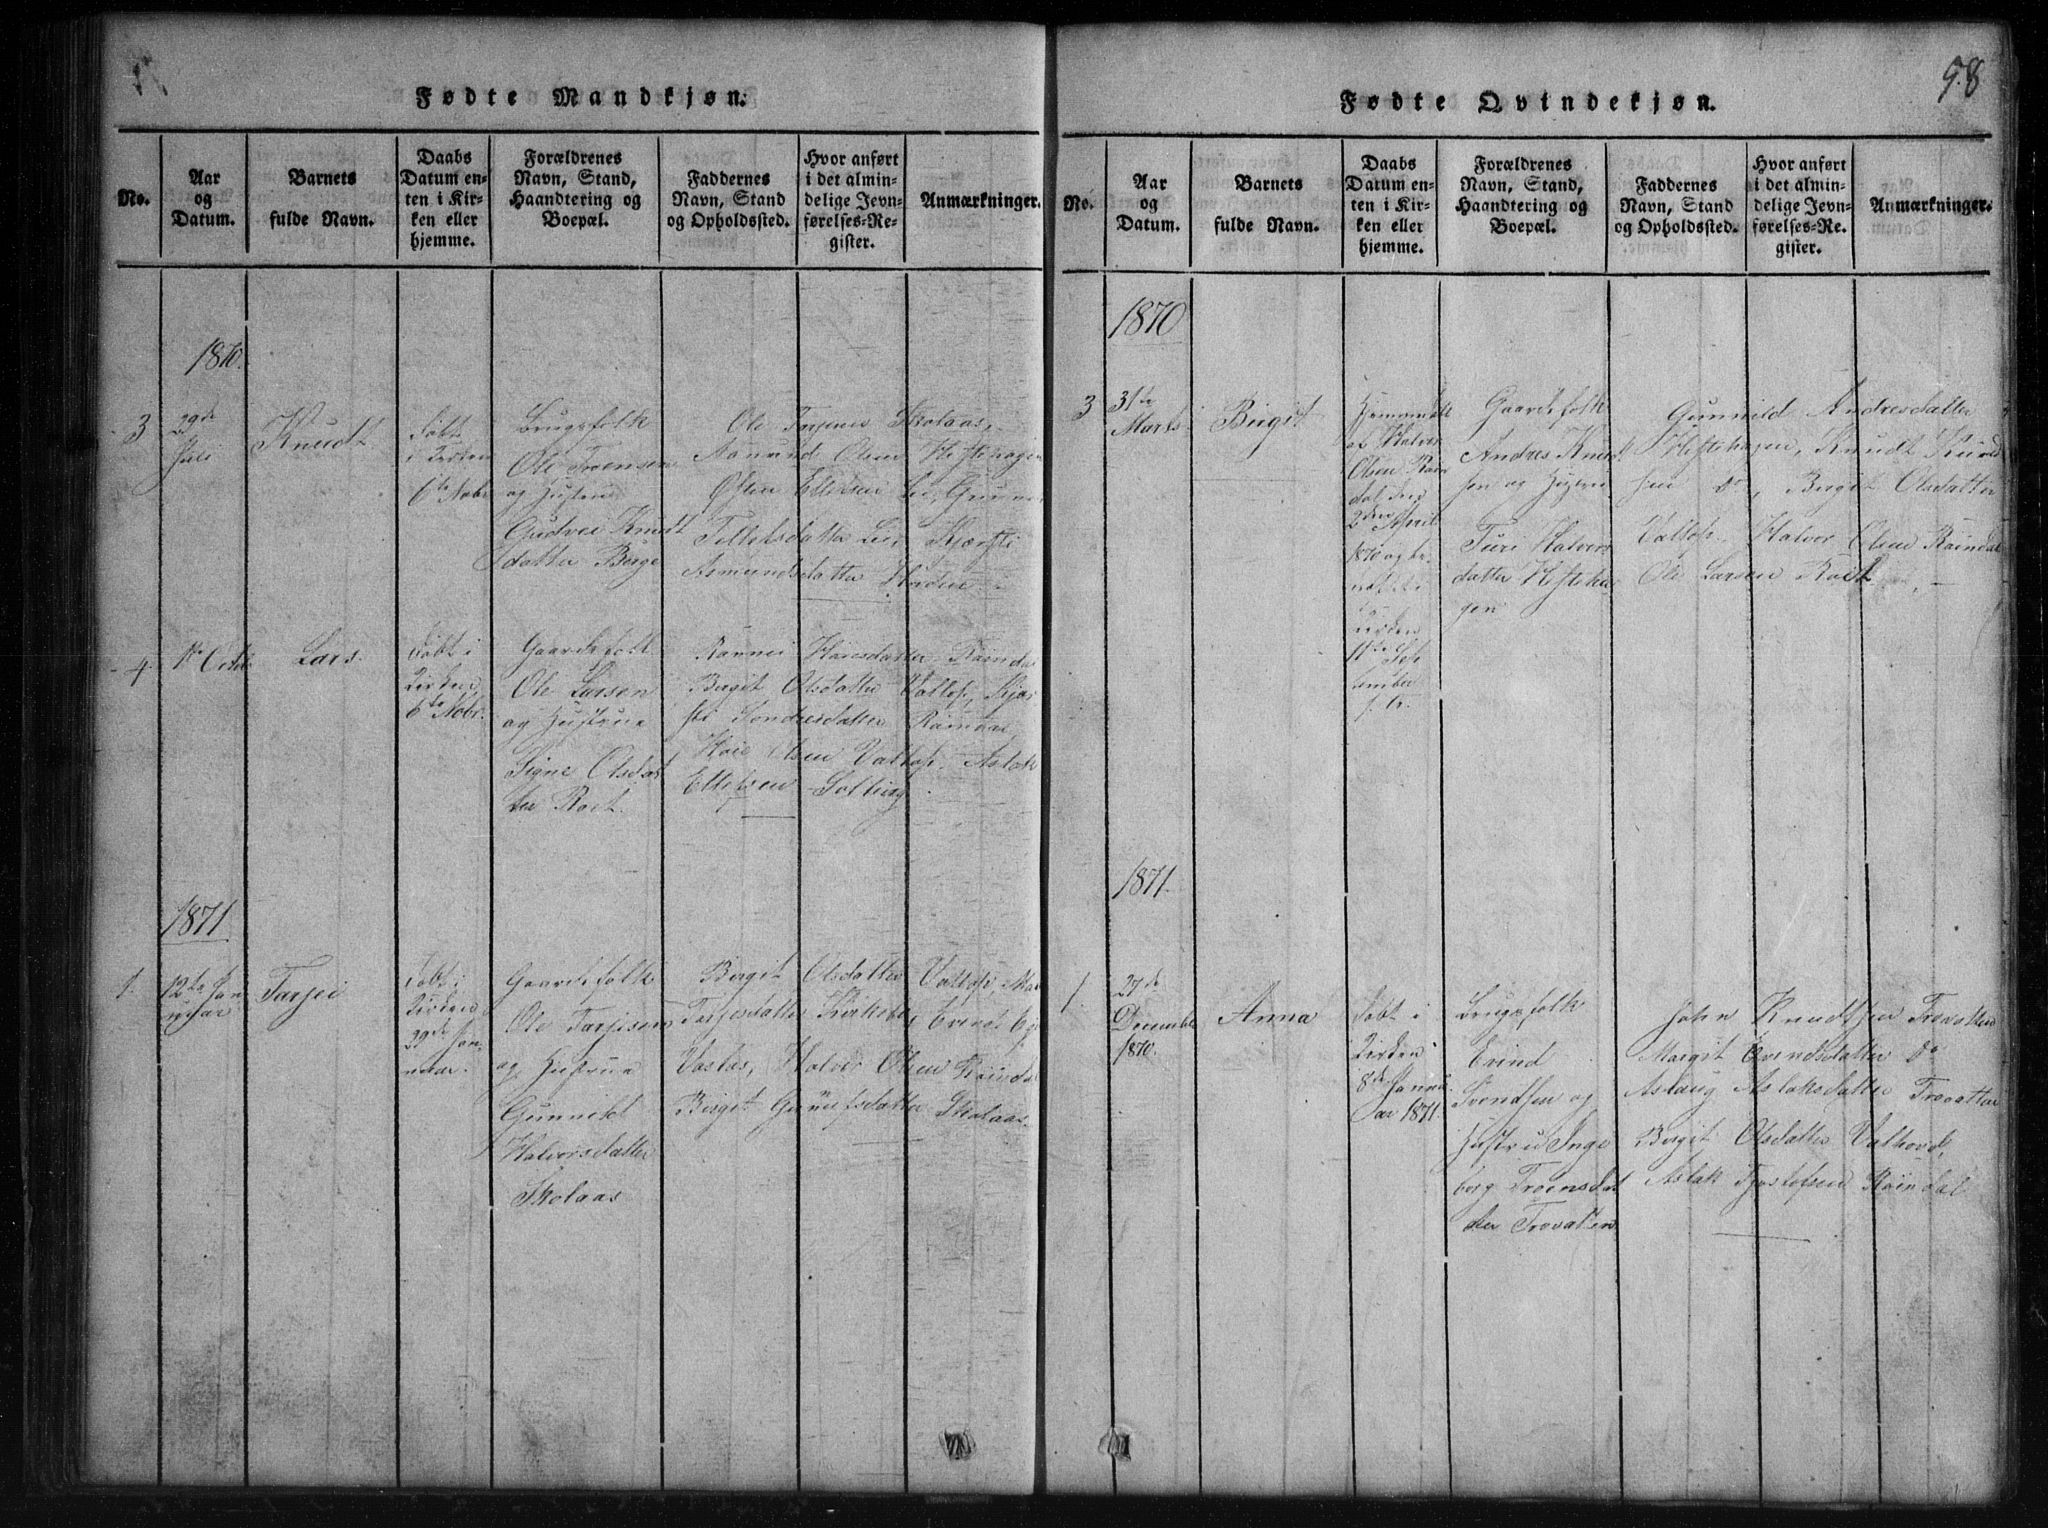 SAKO, Rauland kirkebøker, G/Gb/L0001: Klokkerbok nr. II 1, 1815-1886, s. 58